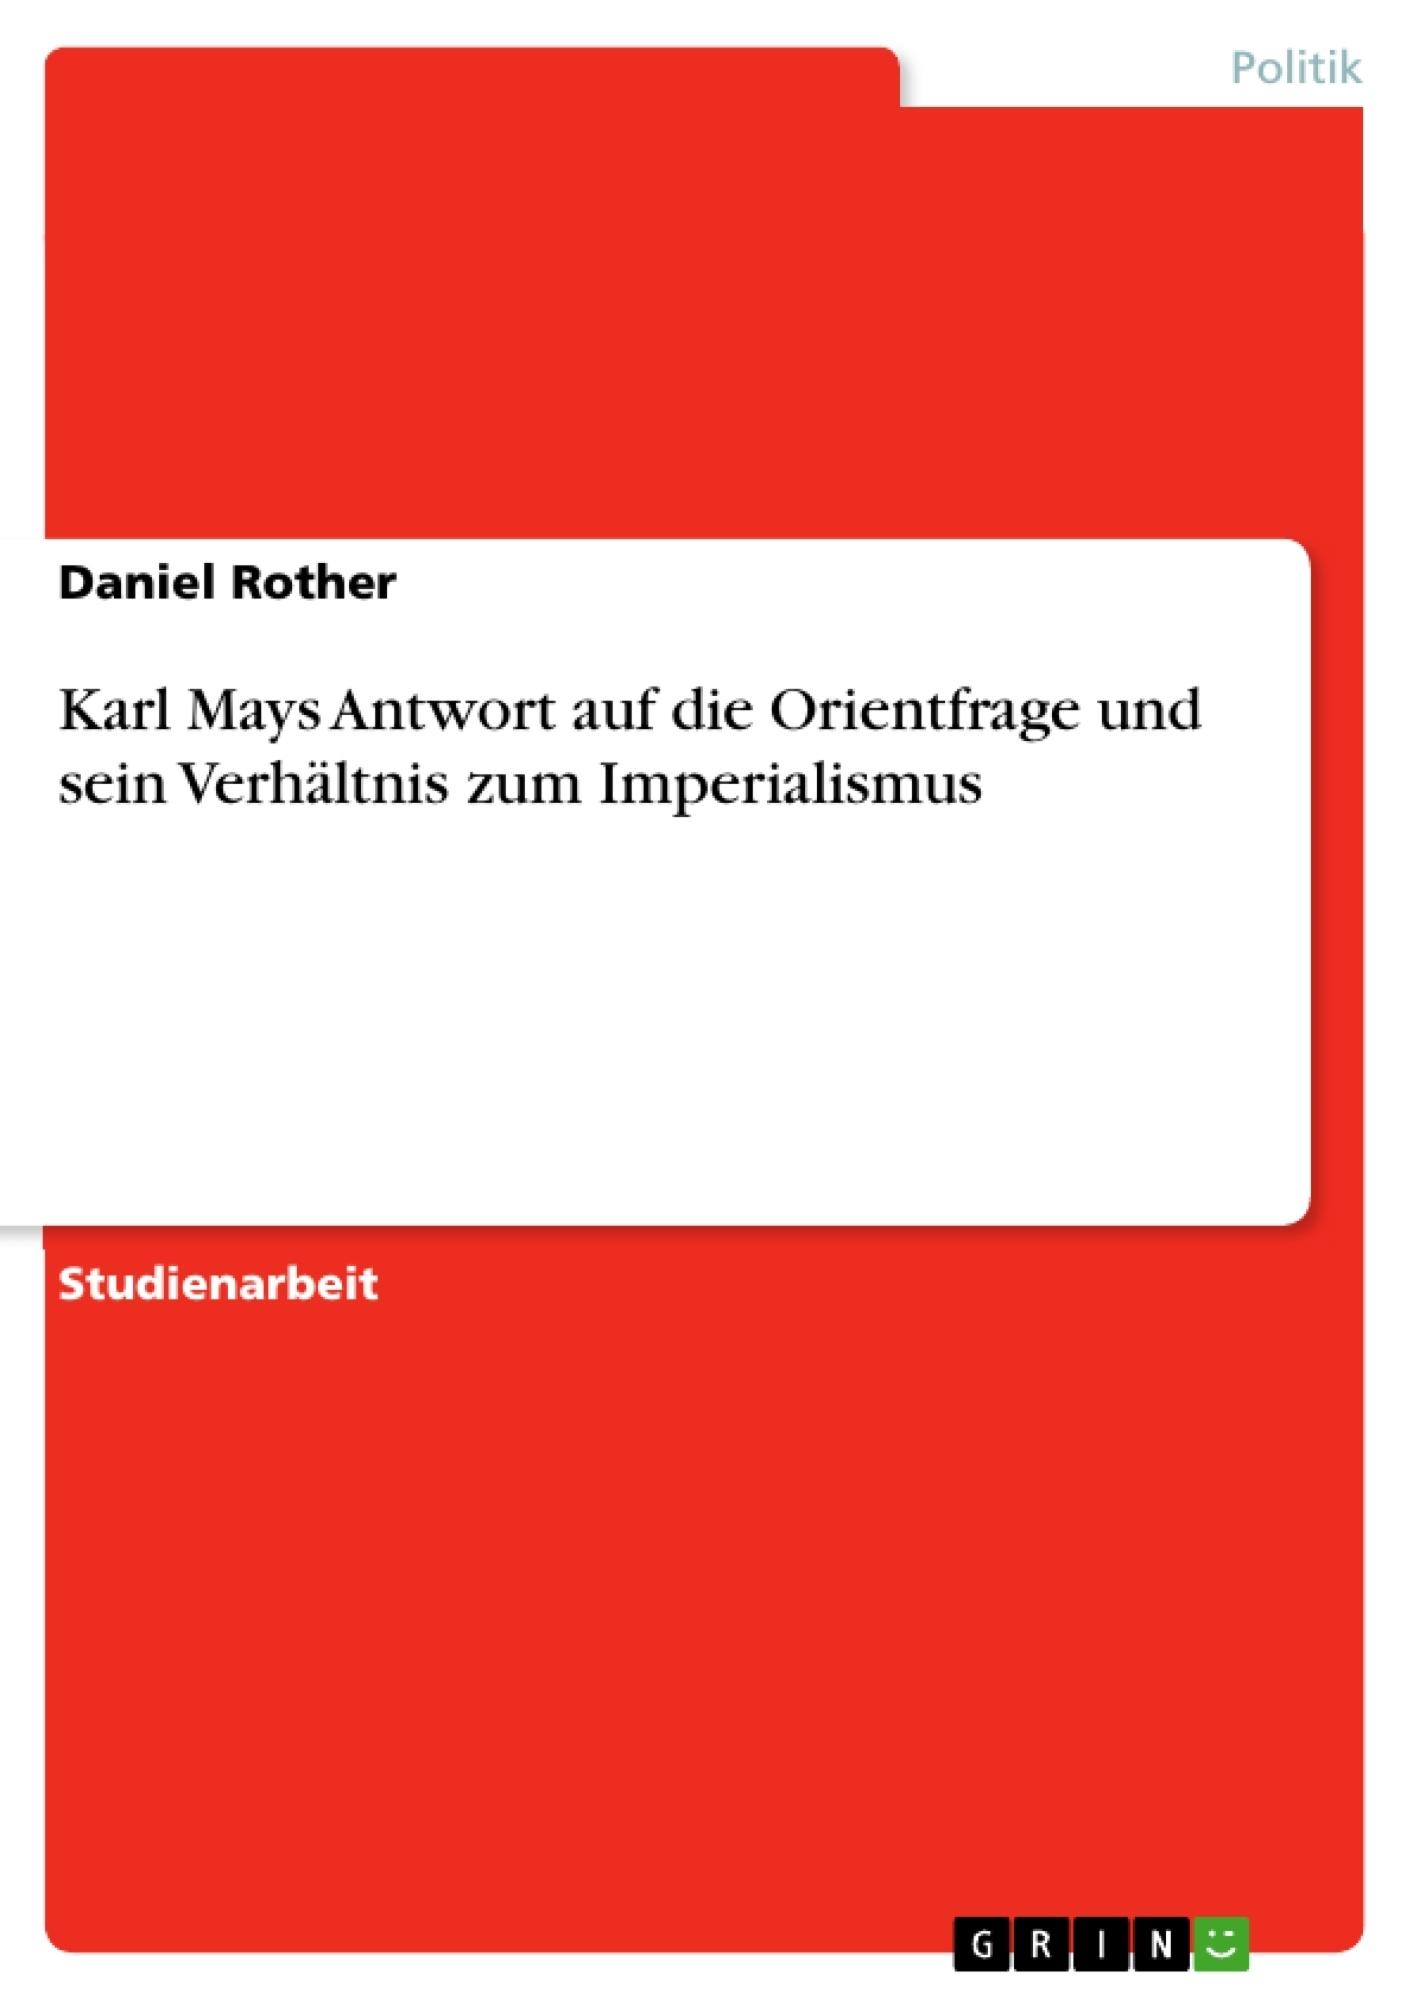 Titel: Karl Mays Antwort auf die Orientfrage und sein Verhältnis zum Imperialismus